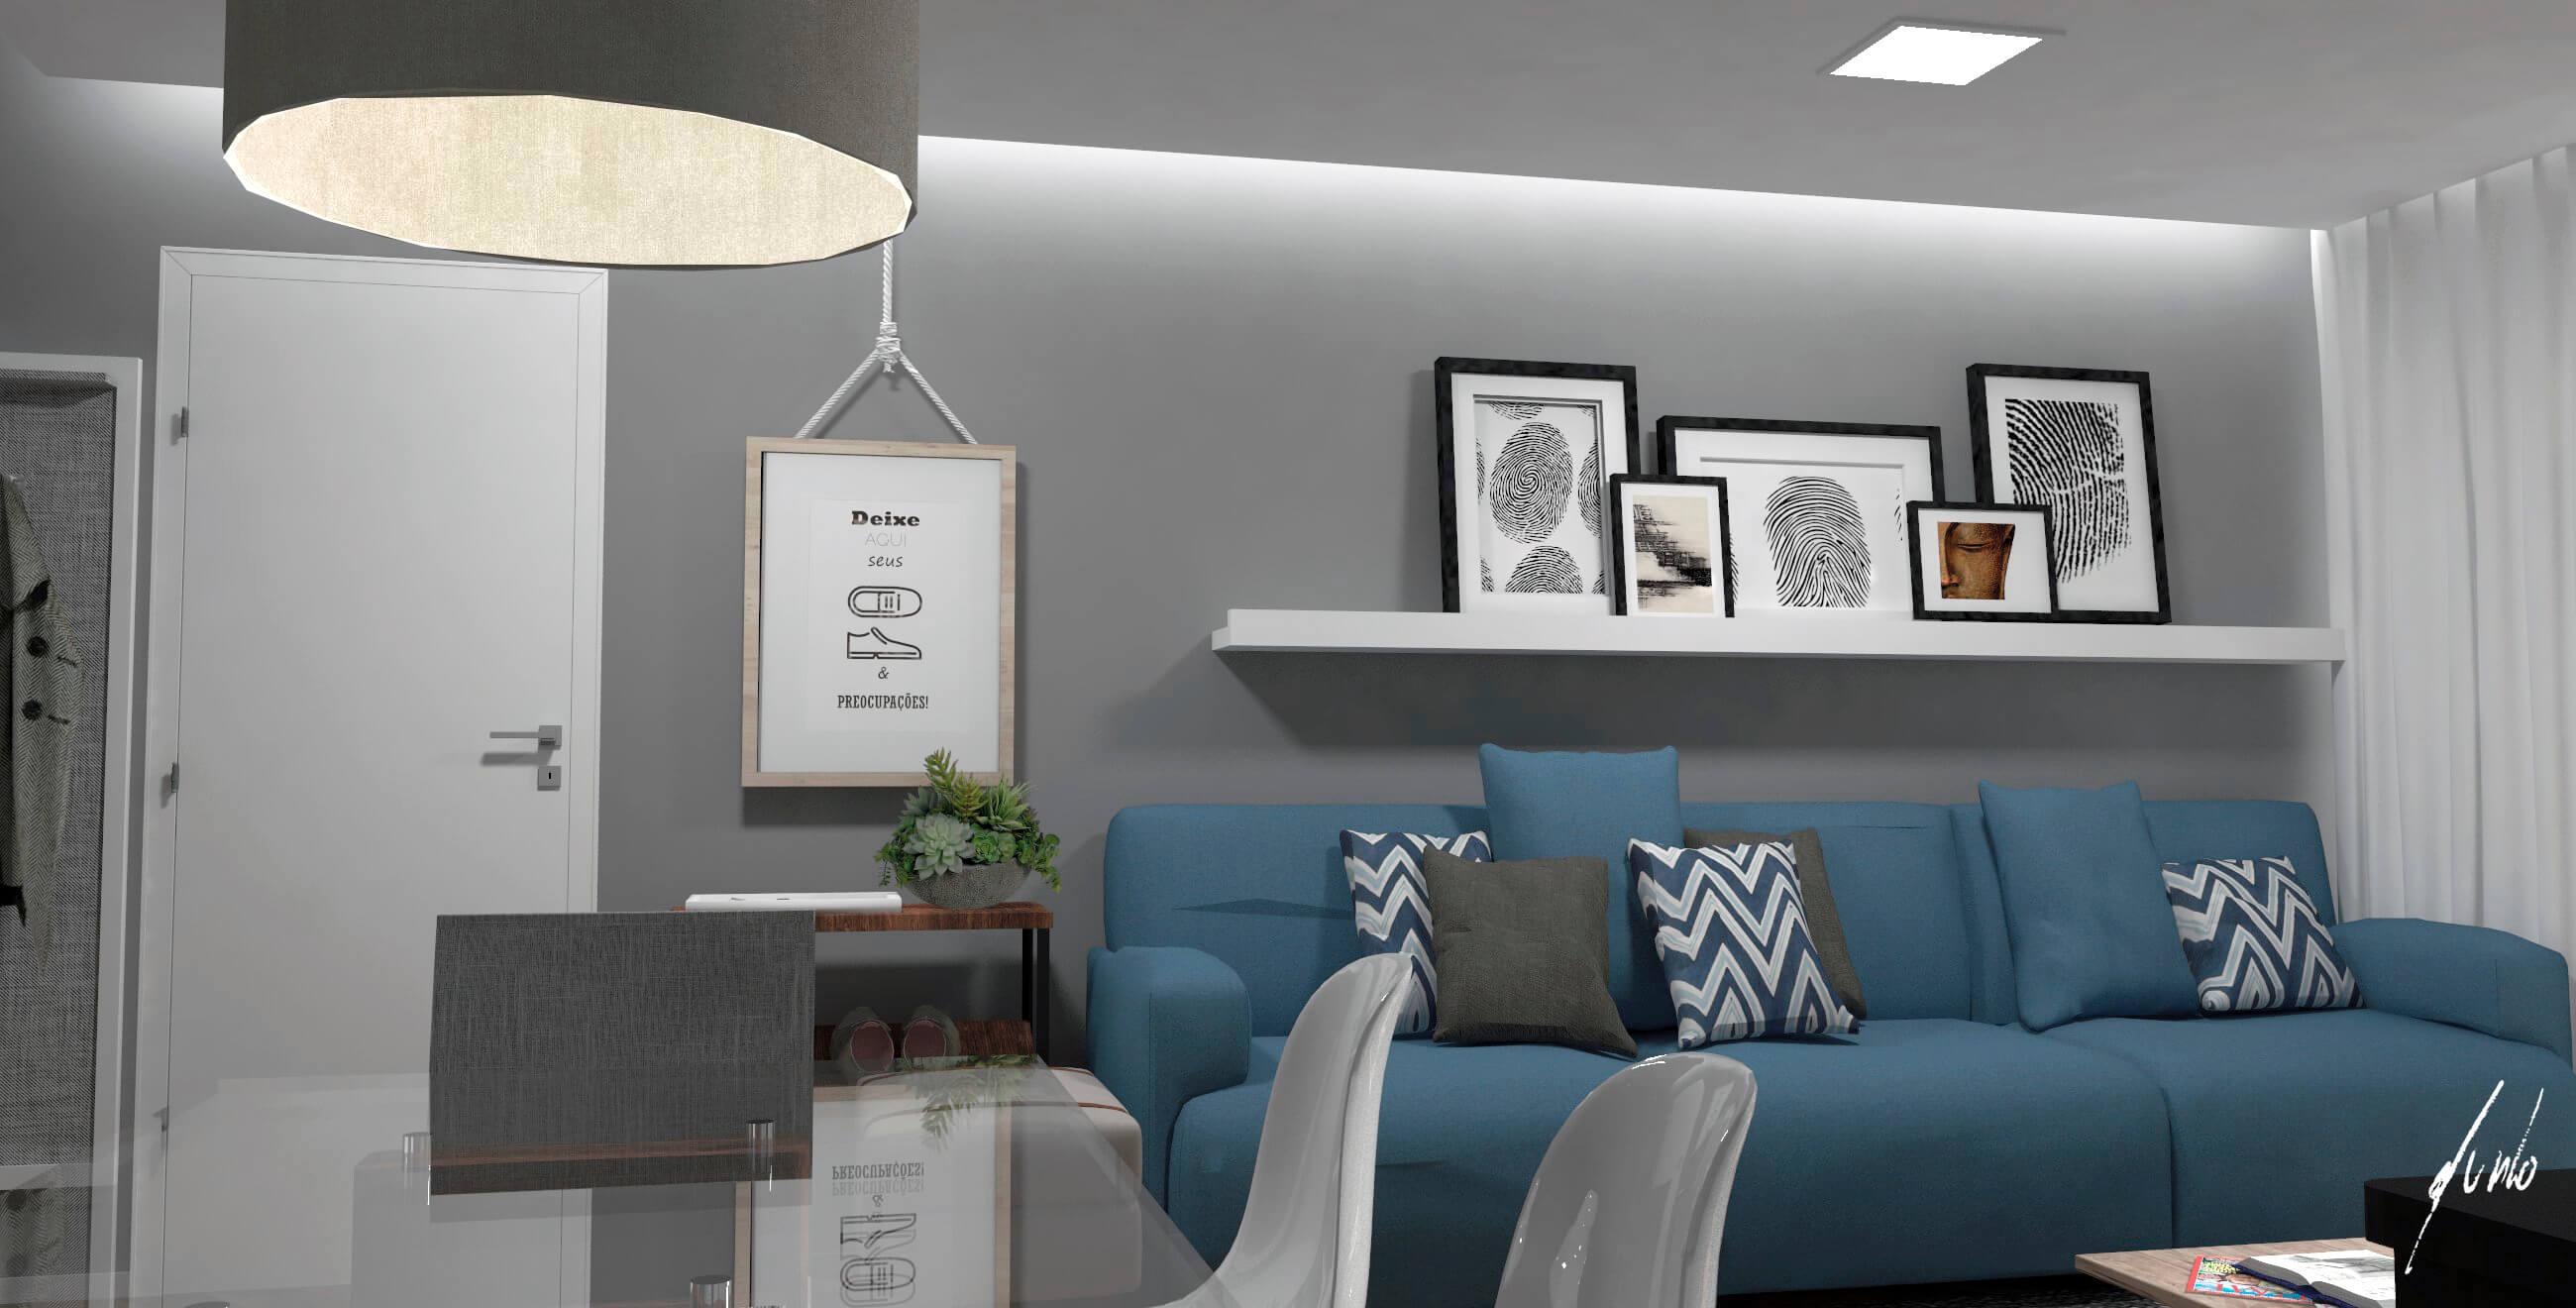 Salas de jantar murilo zadulski interiores designer de for Interiores de salas